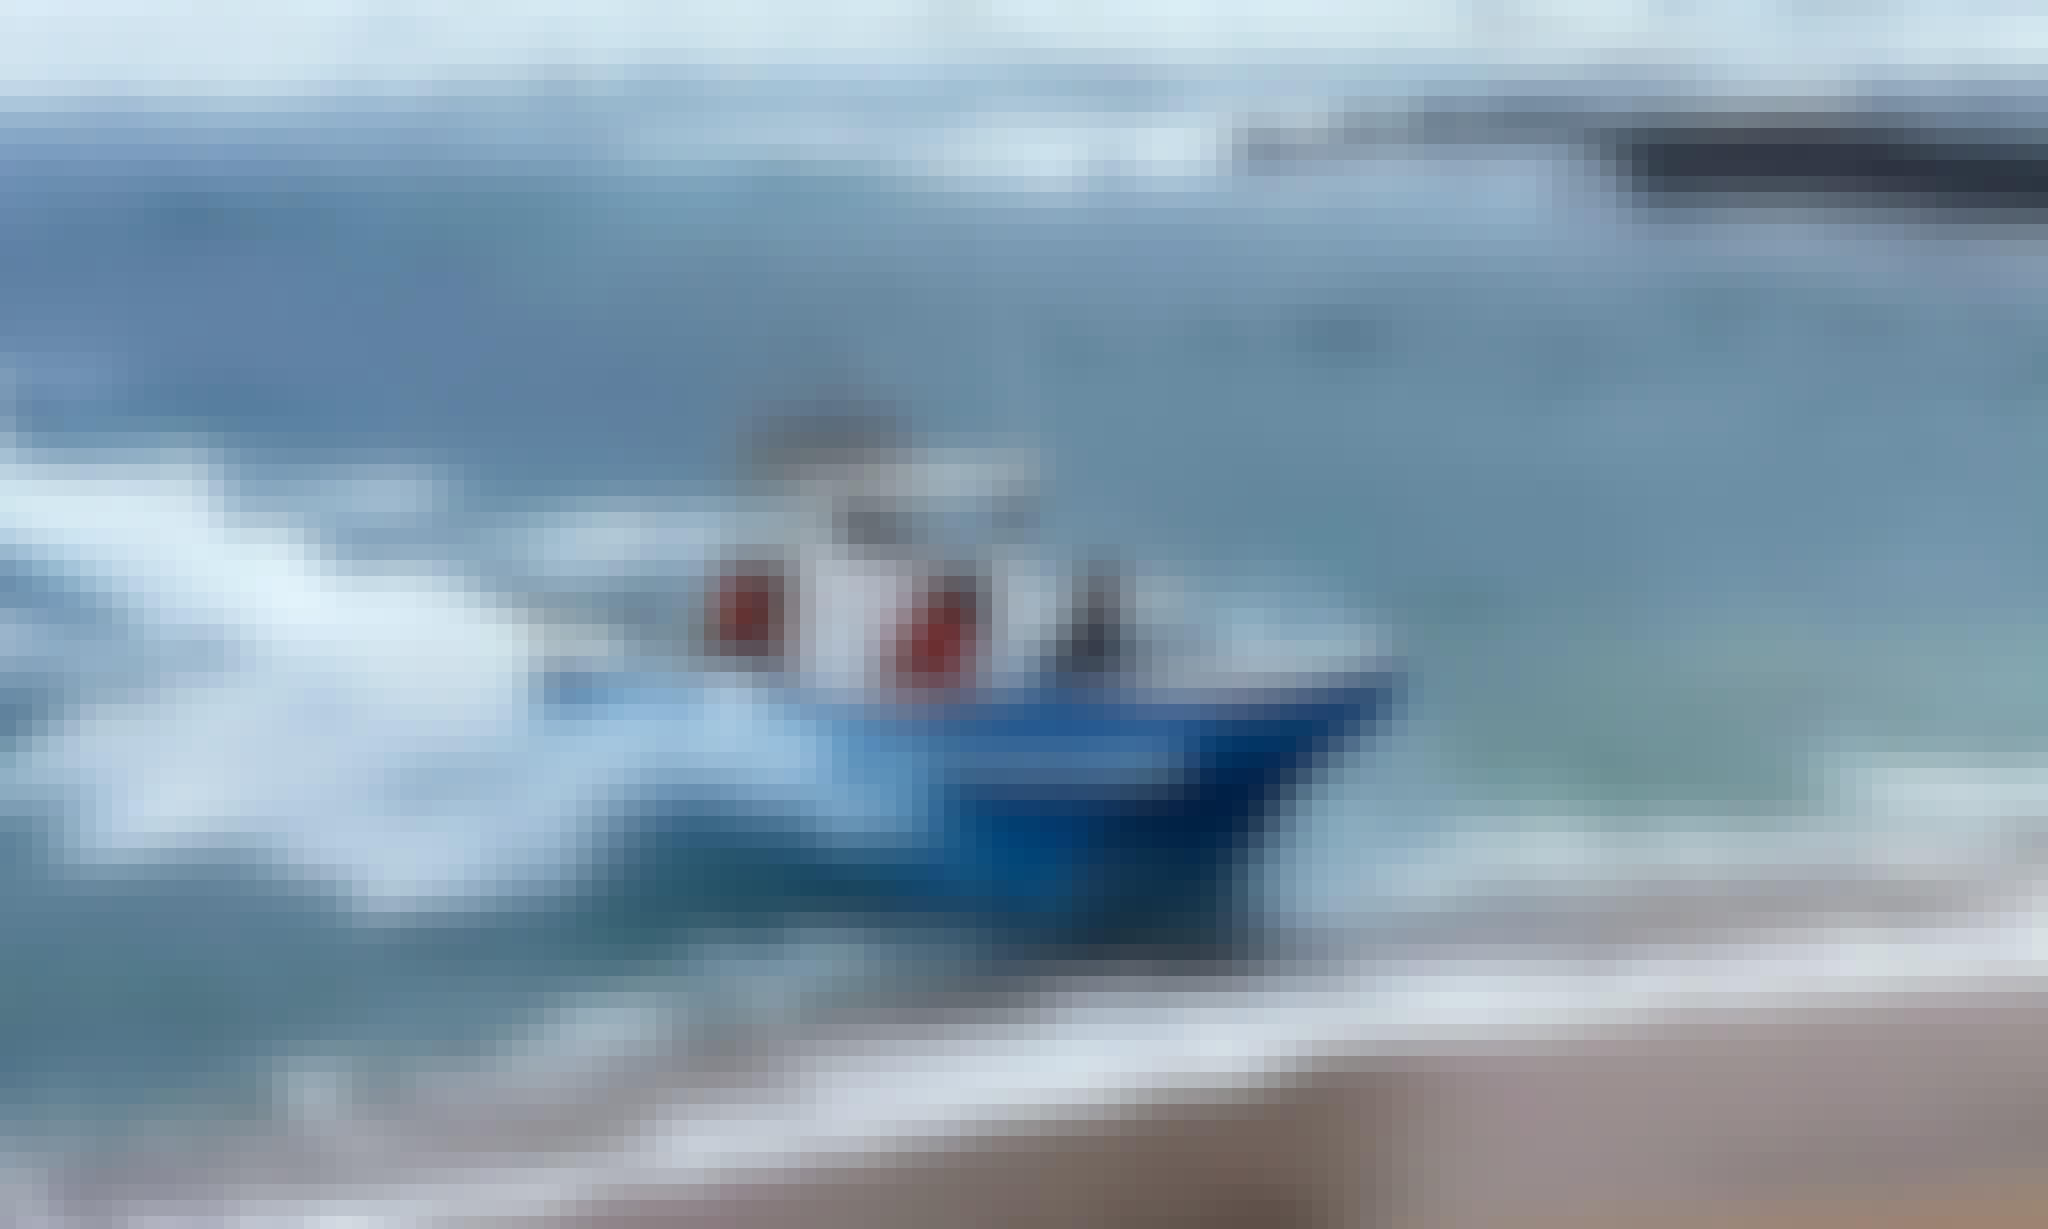 Enjoy Fishing at Shelly Beach, Kwazulu-Natal, South Africa on Cuddy Cabin